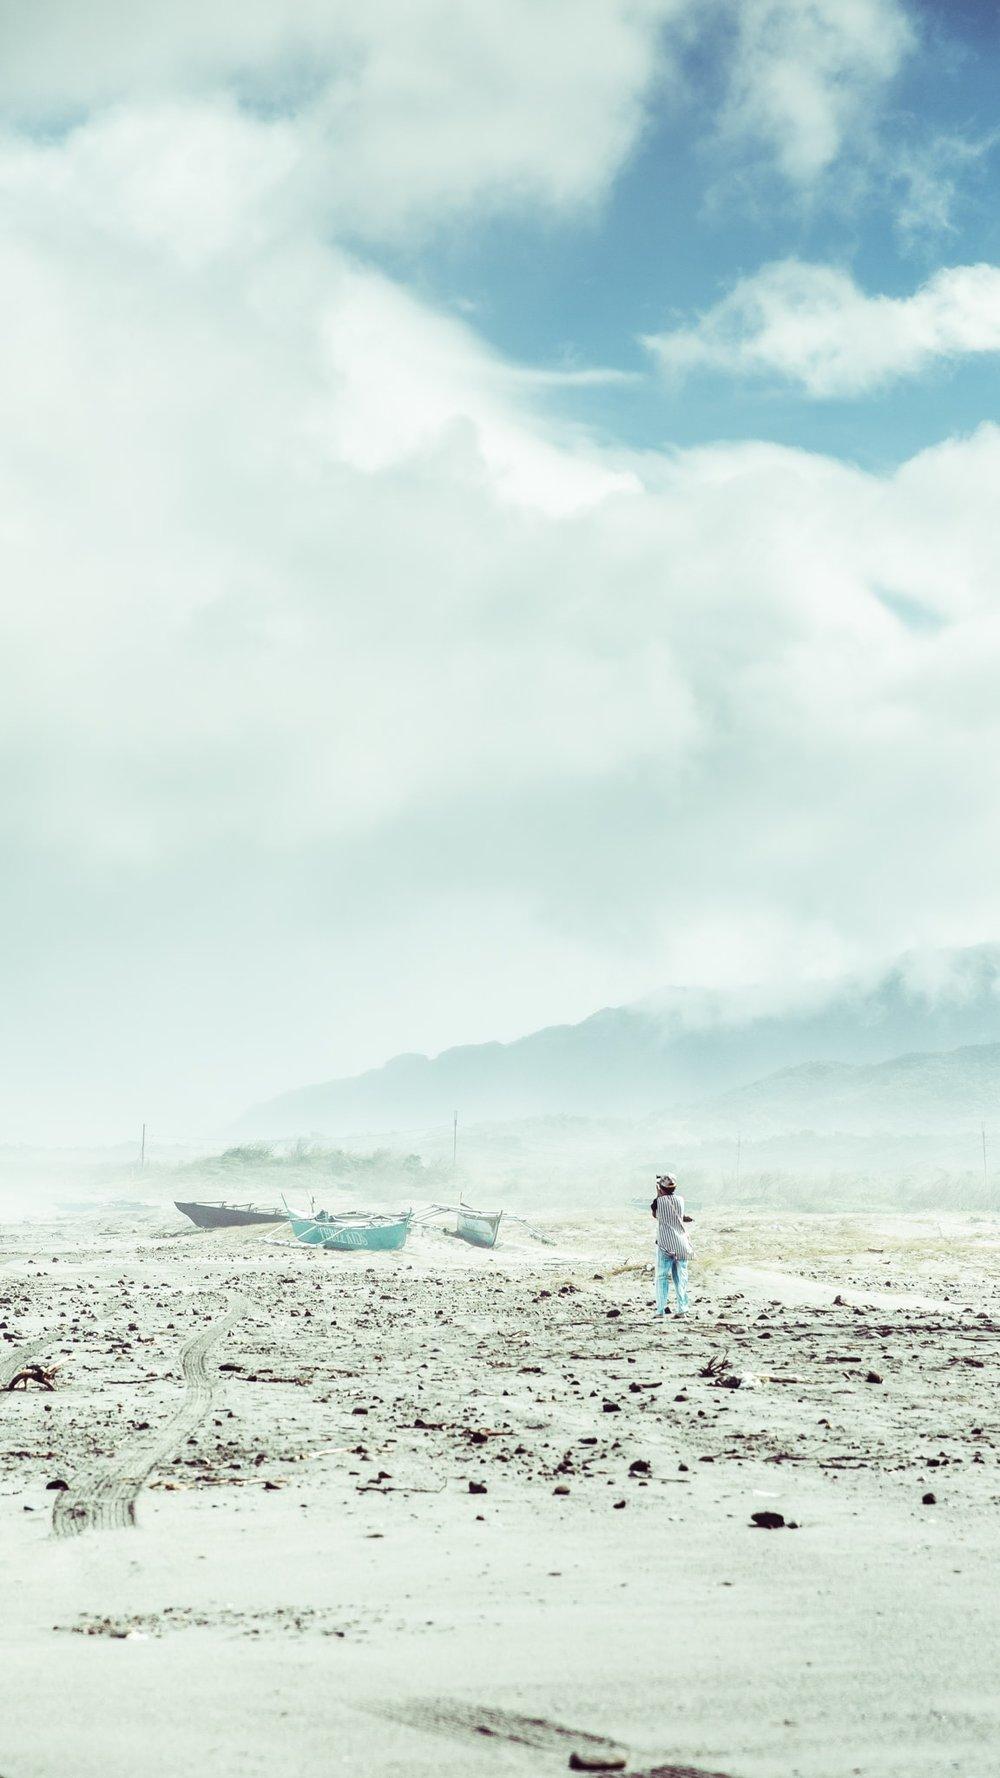 desert-plain-sand-shot-by-aly-mananquil